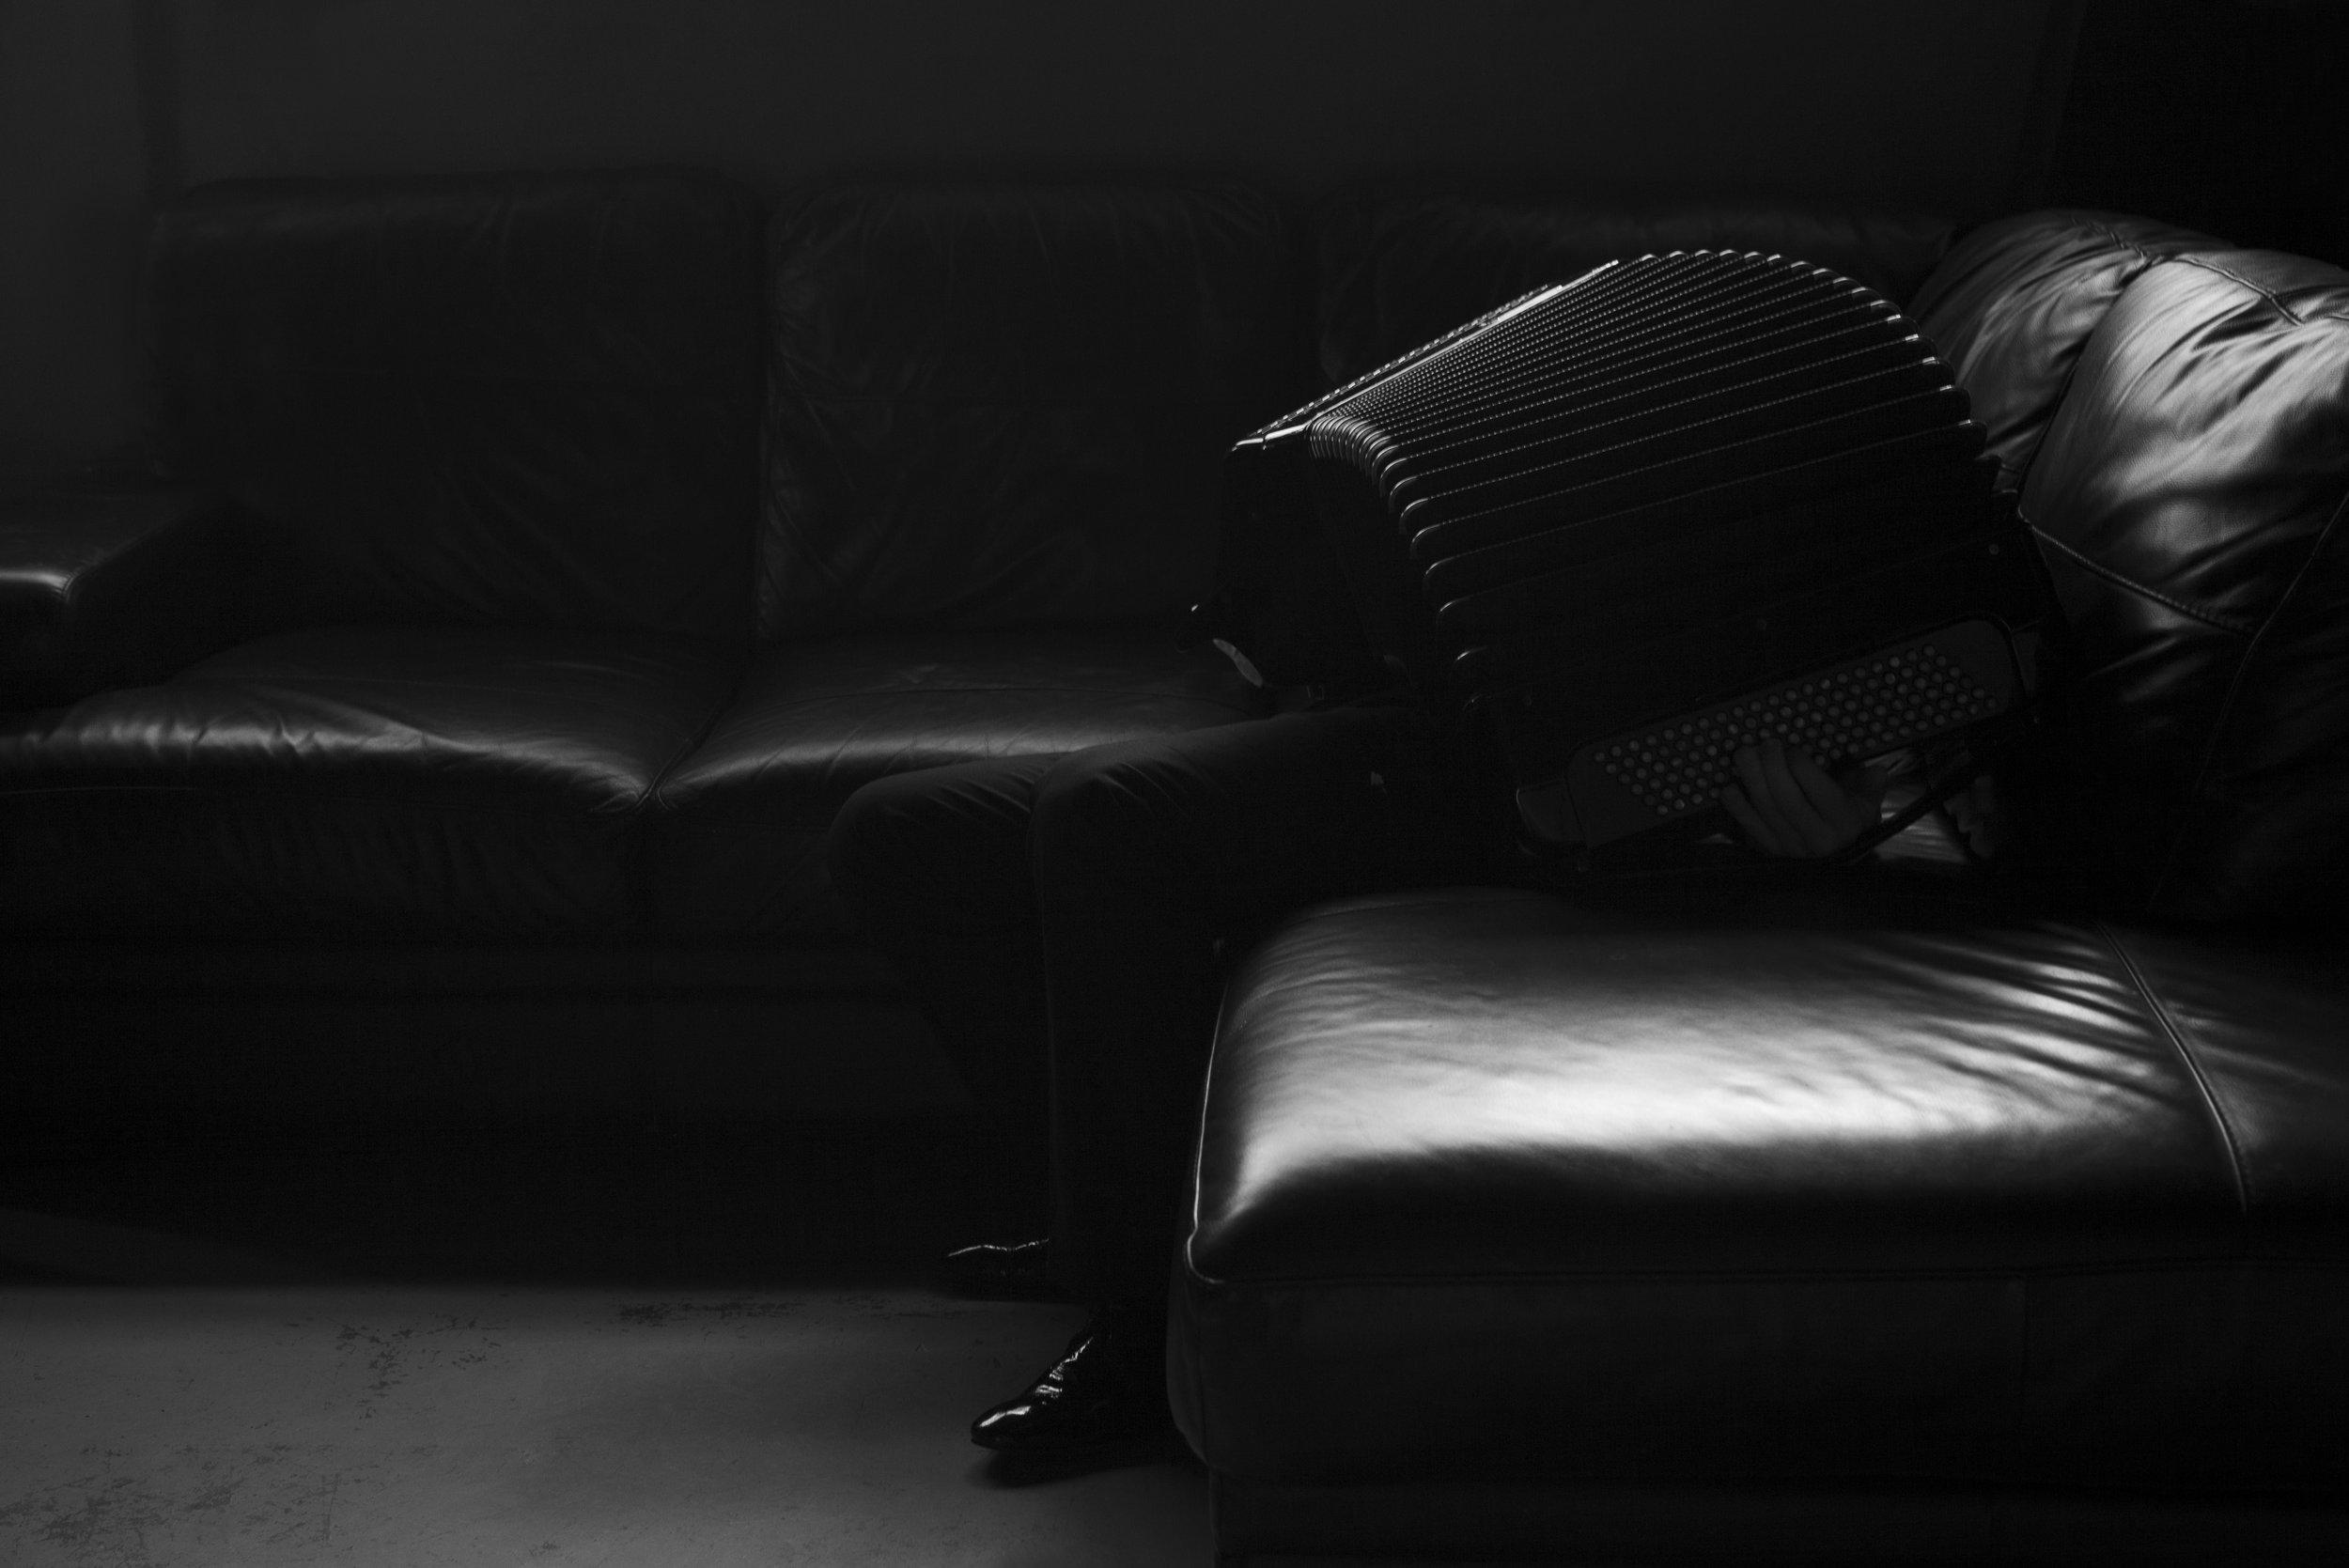 Iosif Purits by Aiga Photography 4866 bw.jpg